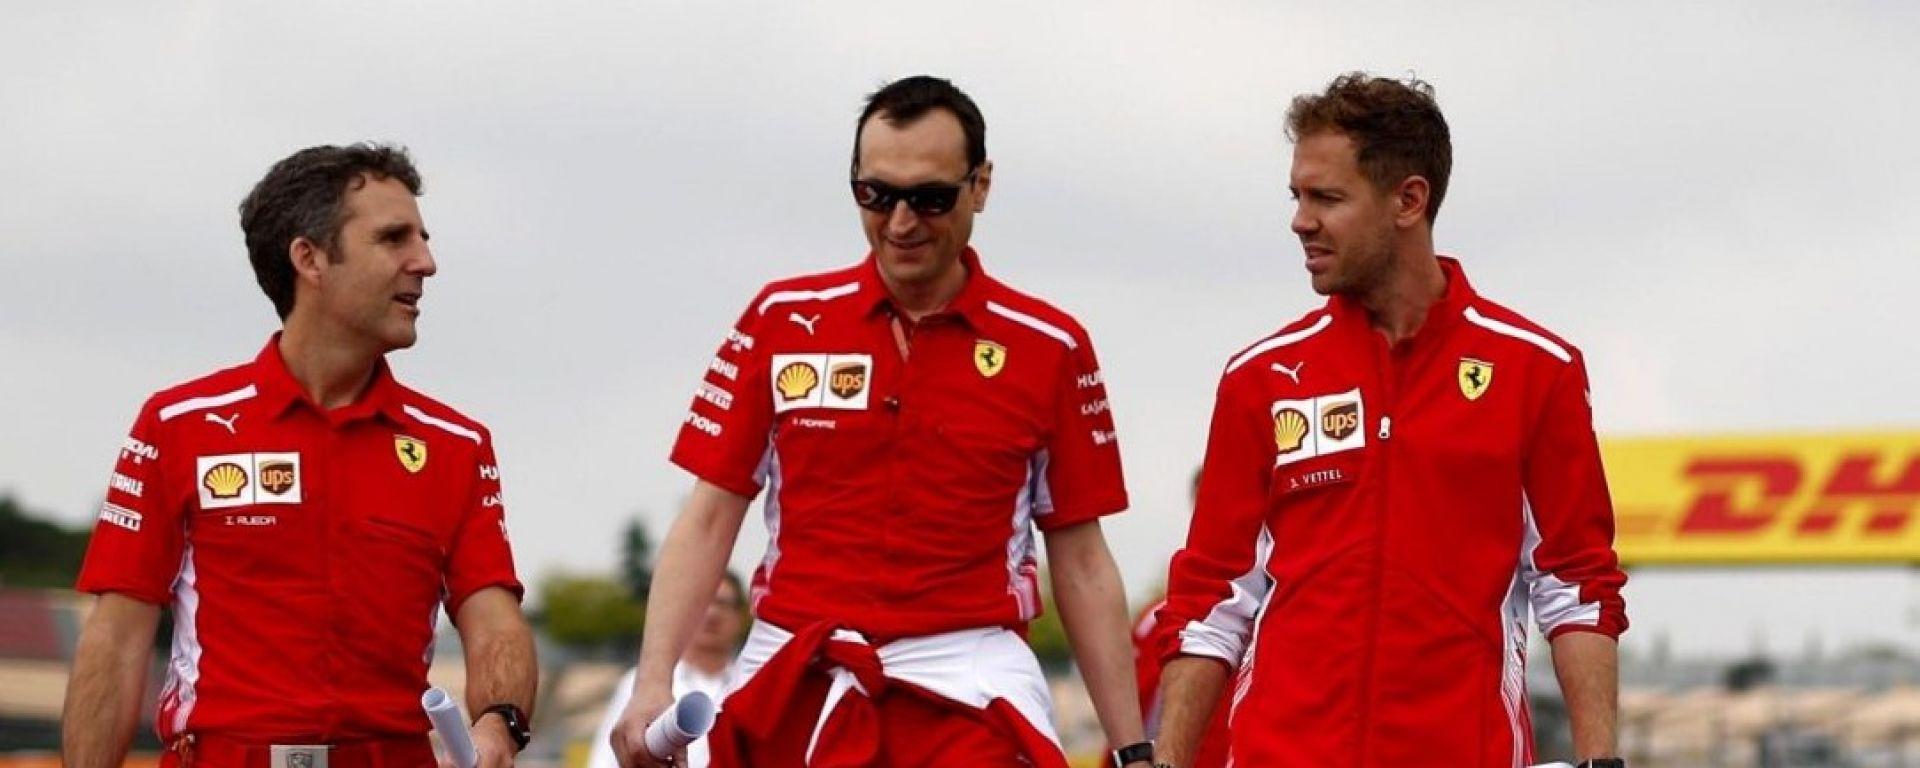 F1, Vettel: nel GP di Spagna ci saranno miglioramenti aerodinamici